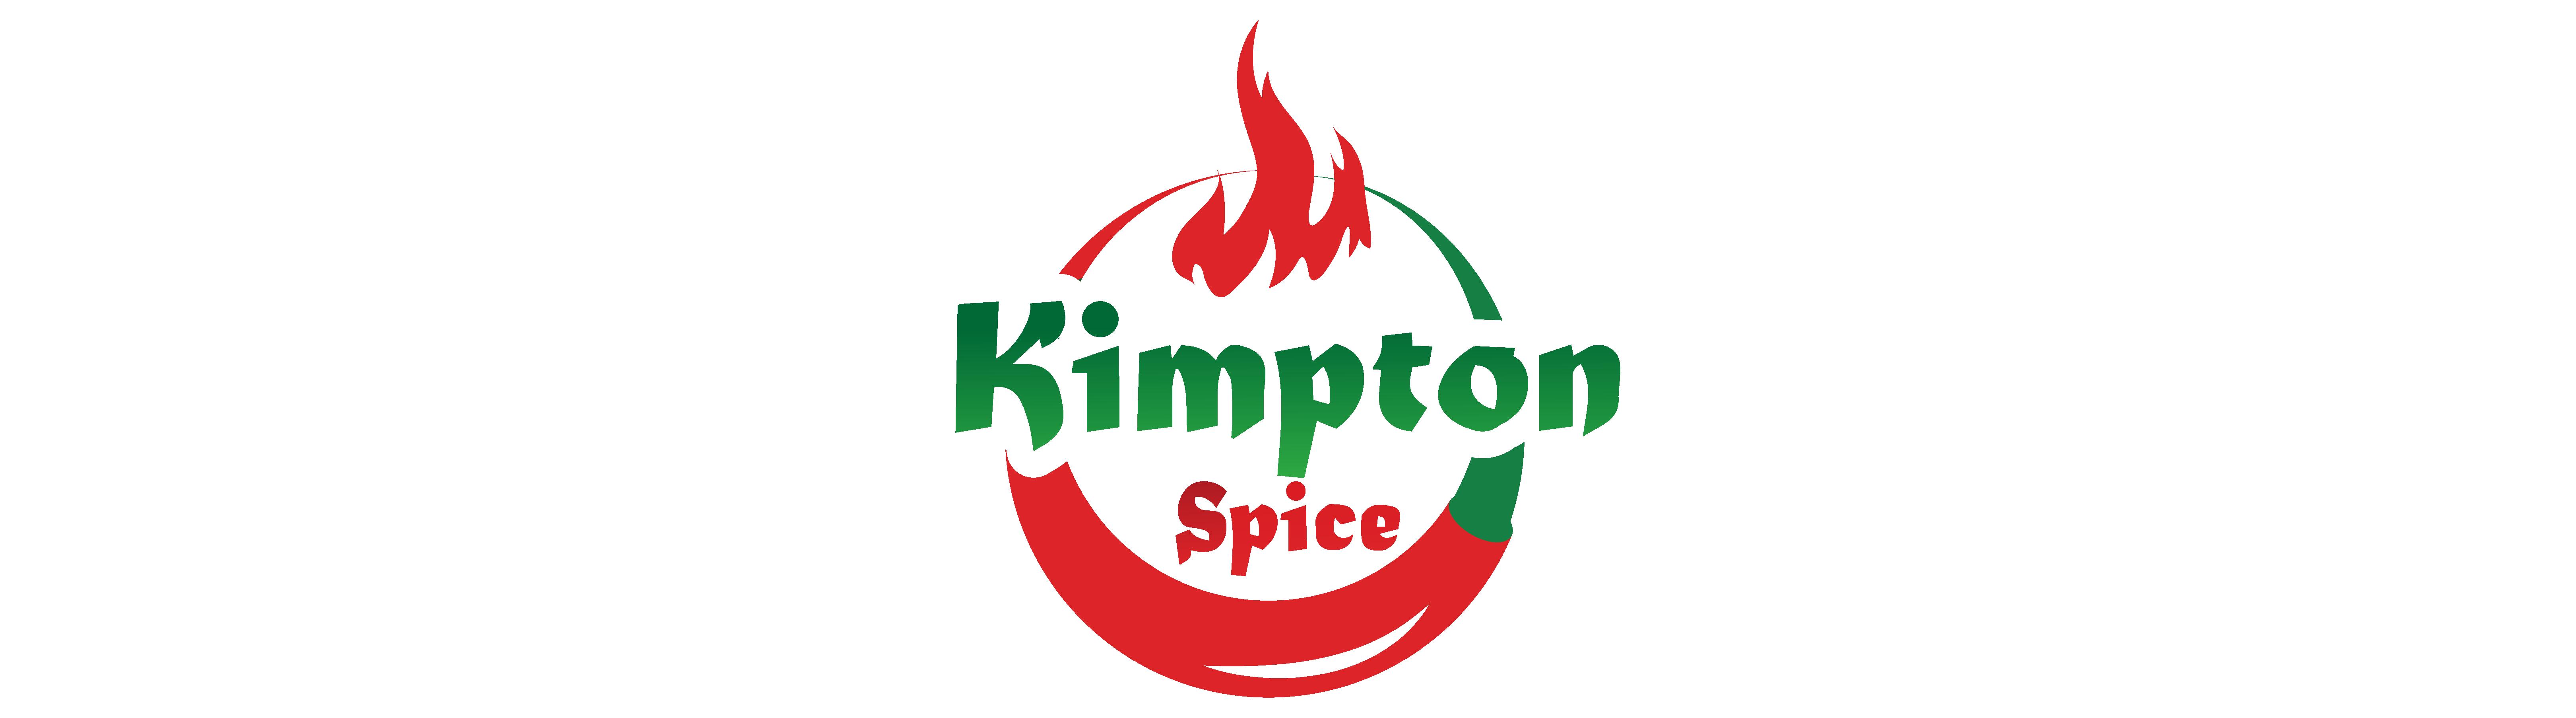 Kimpton_Spice_Logo